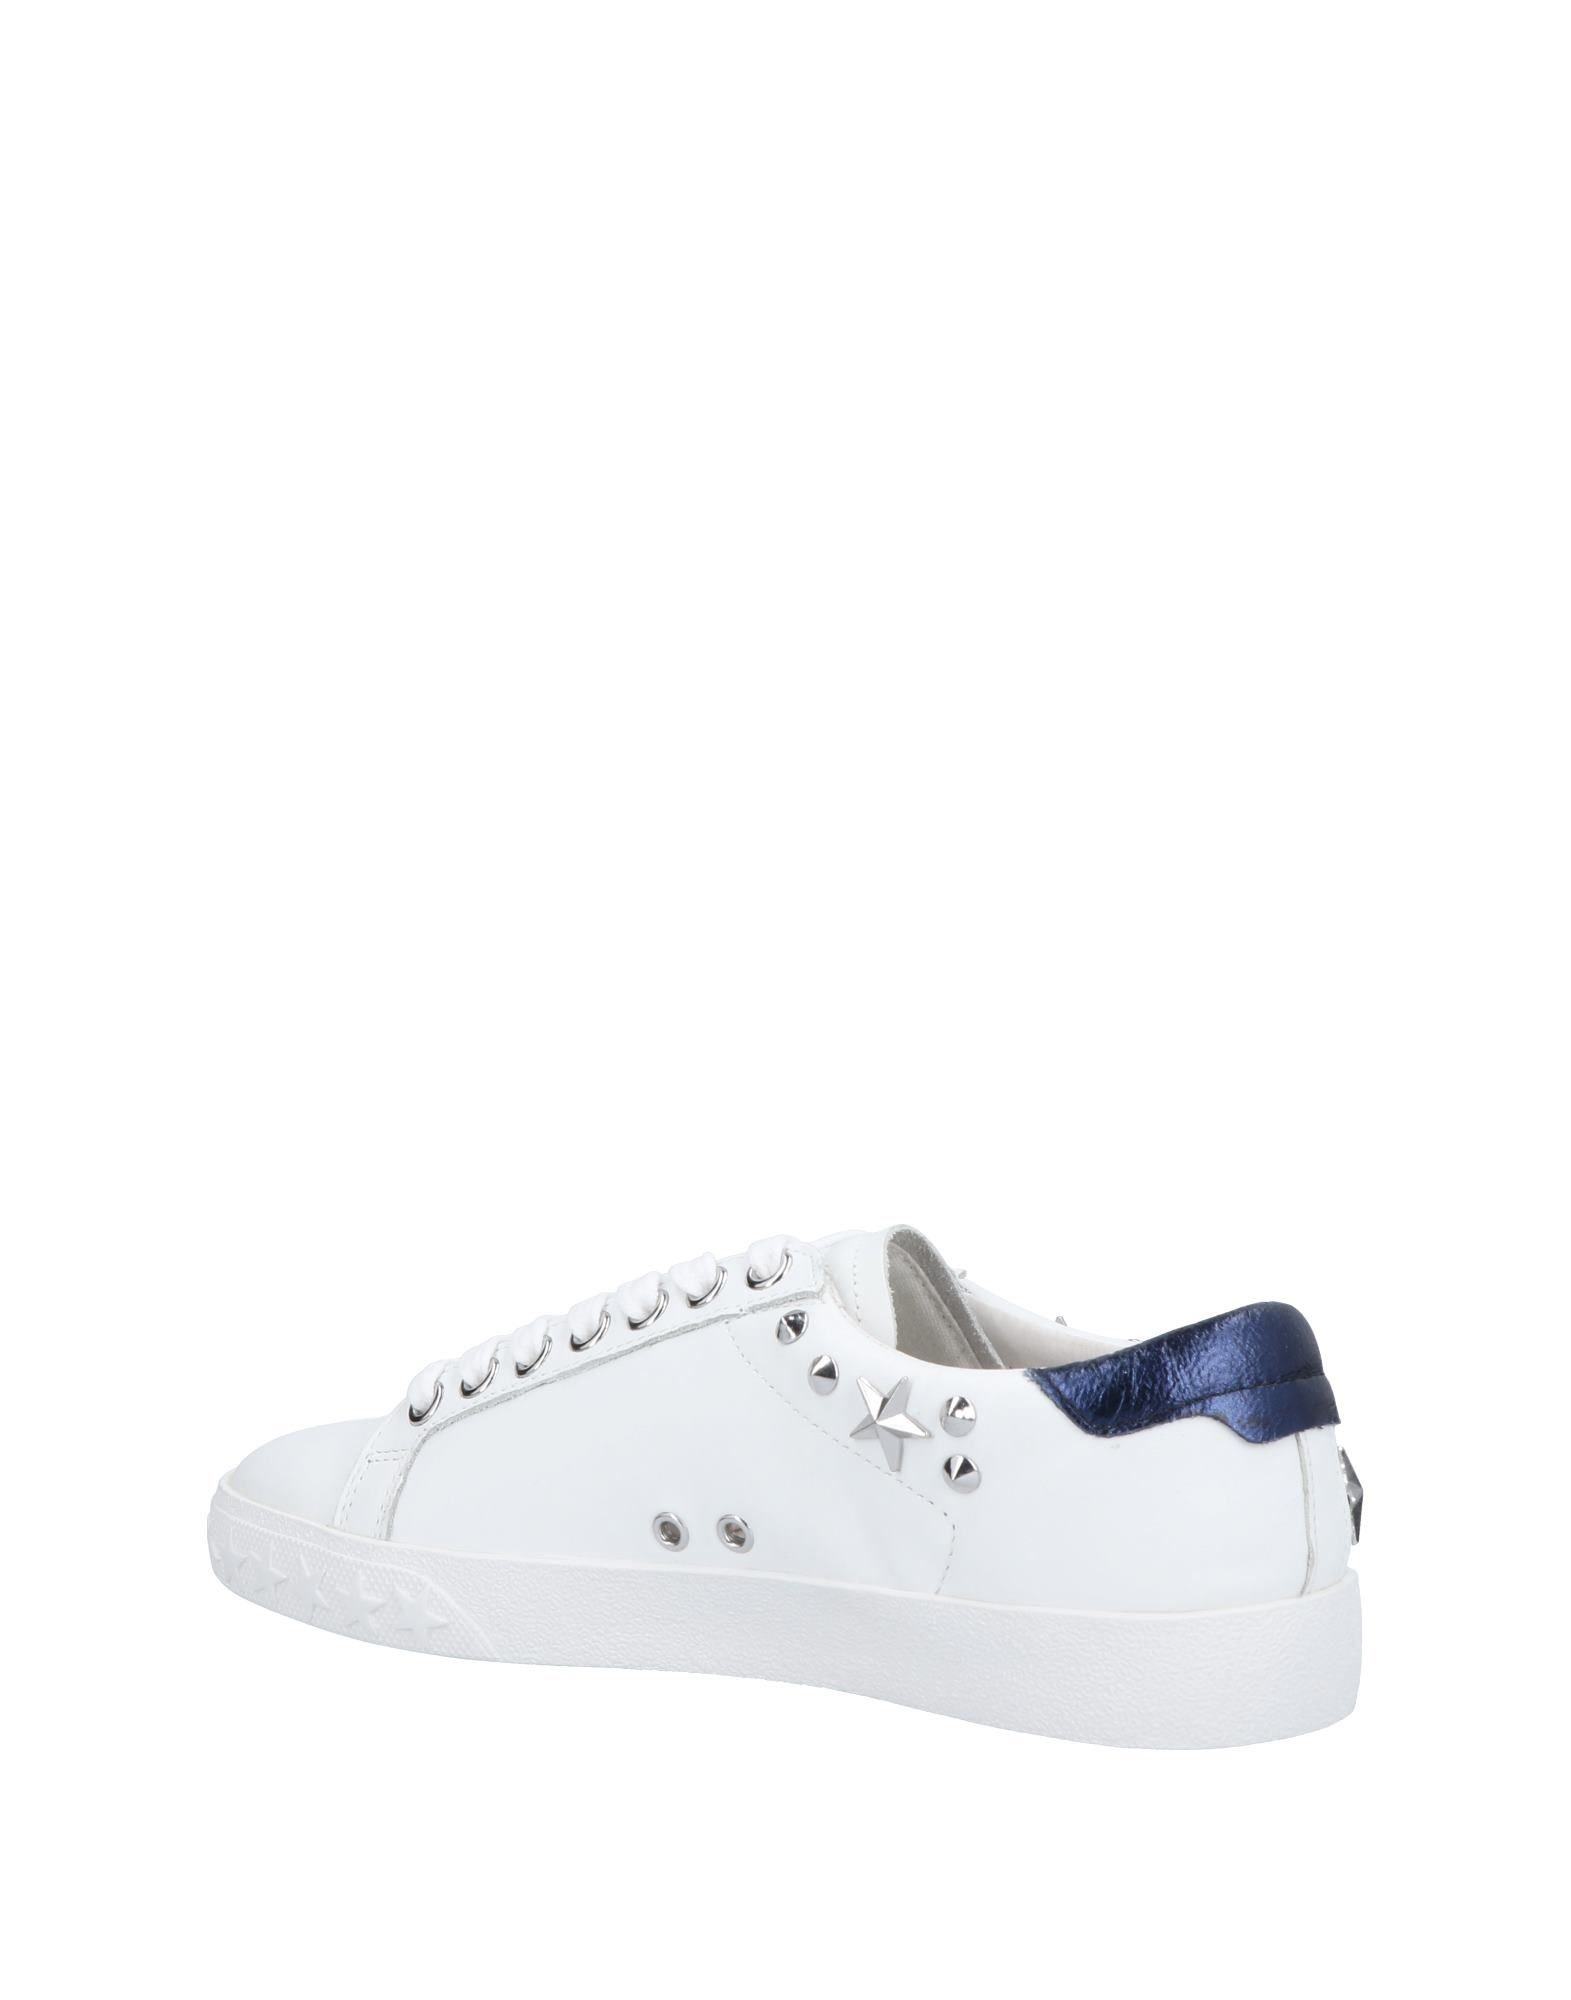 Ash Sneakers Damen  11468230CD Gute Qualität beliebte Schuhe Schuhe Schuhe 5710ac